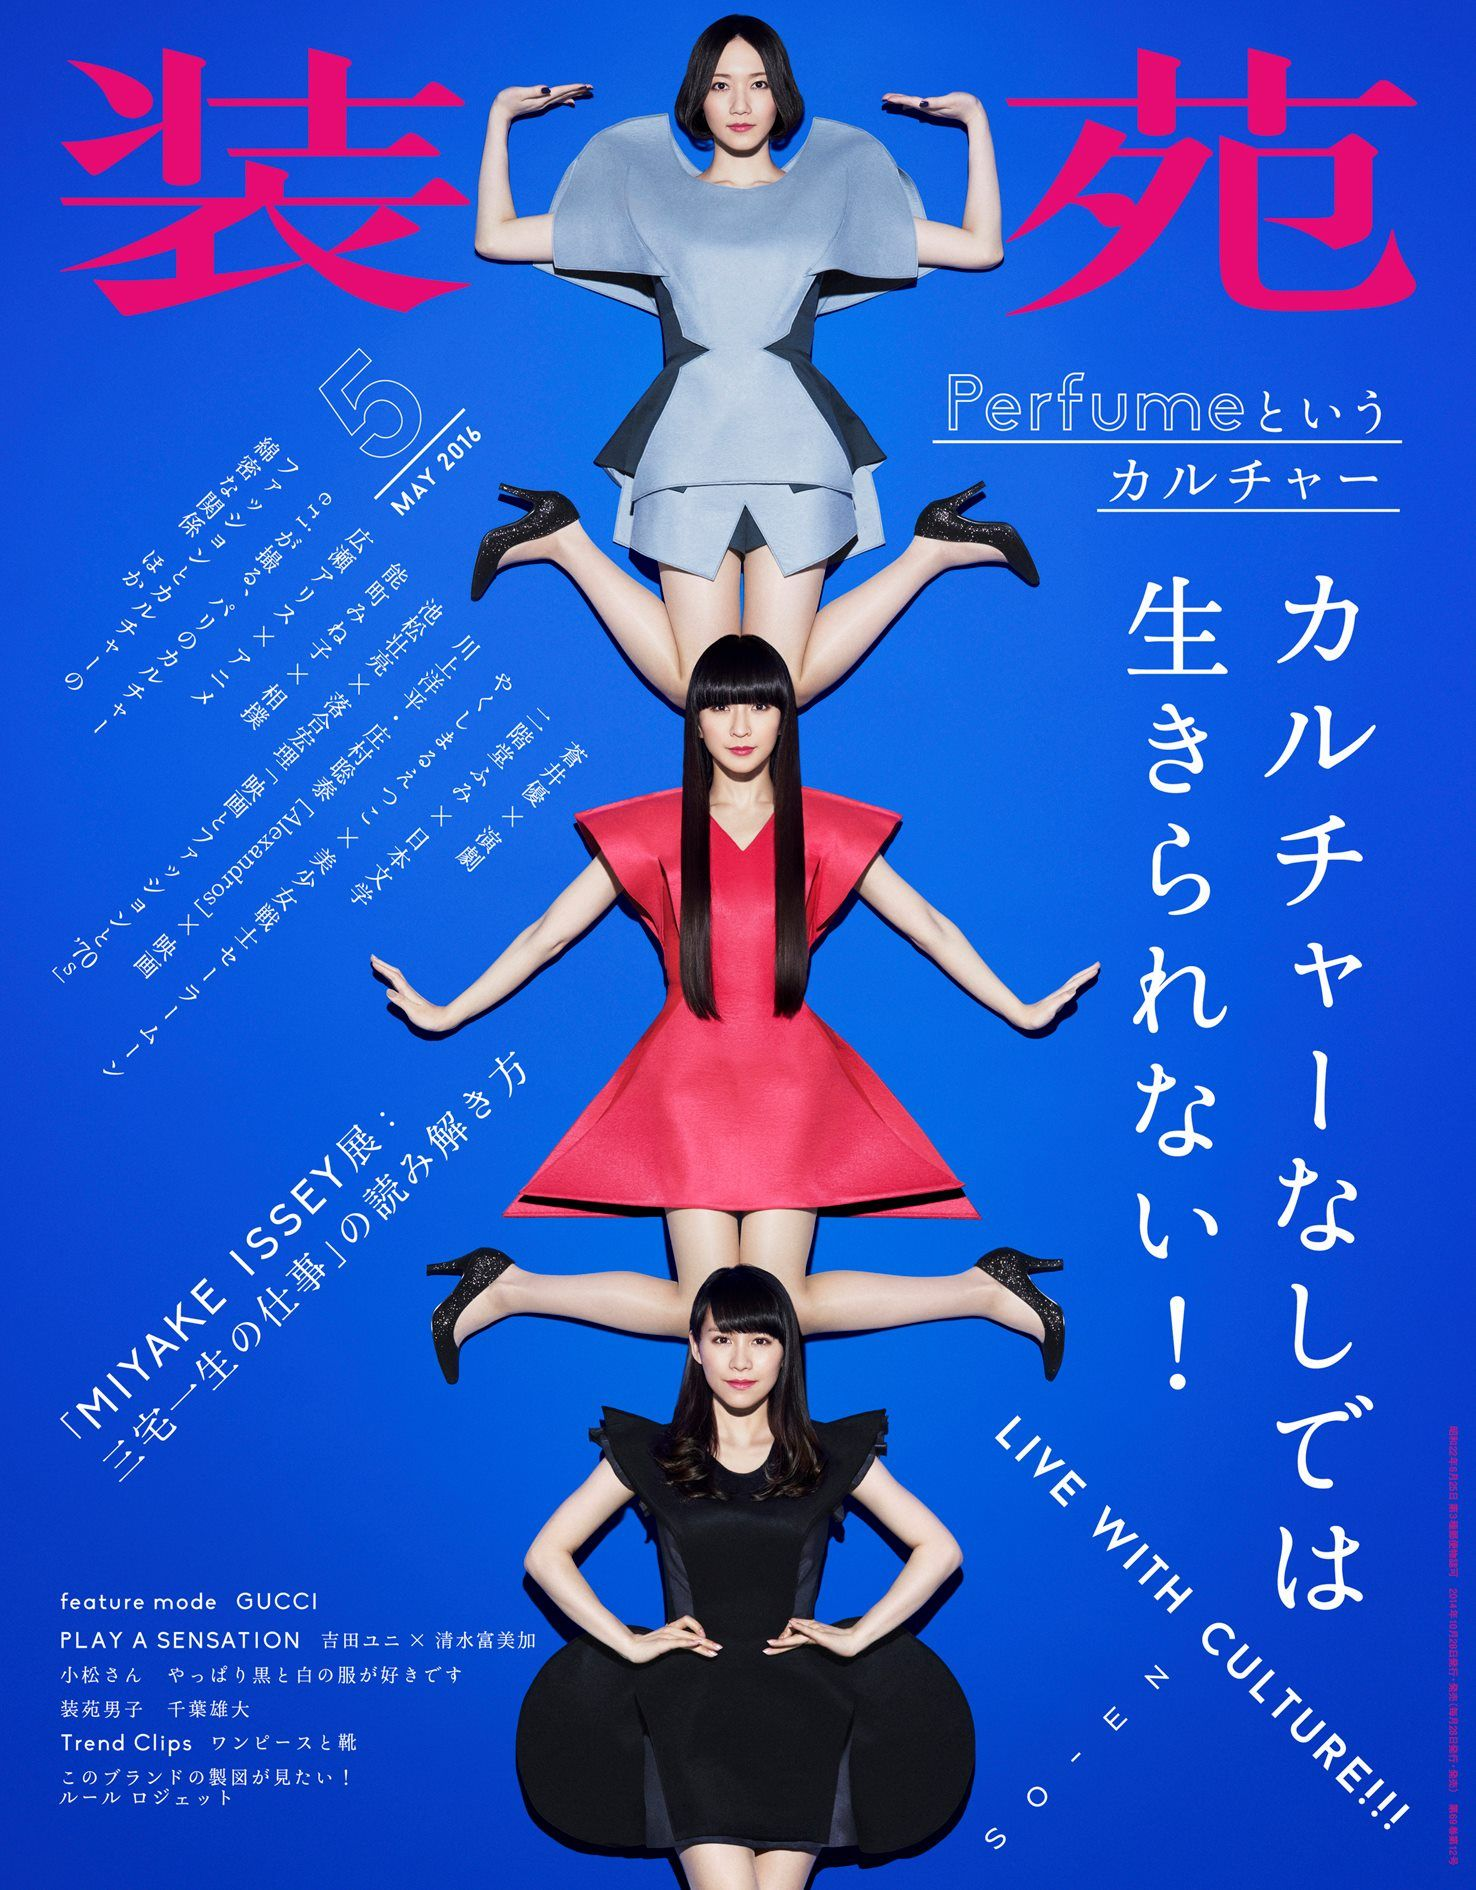 Perfumeの新アルバム『cosmic Explorer』吉田ユニとタッグで『装苑』表紙にも登場